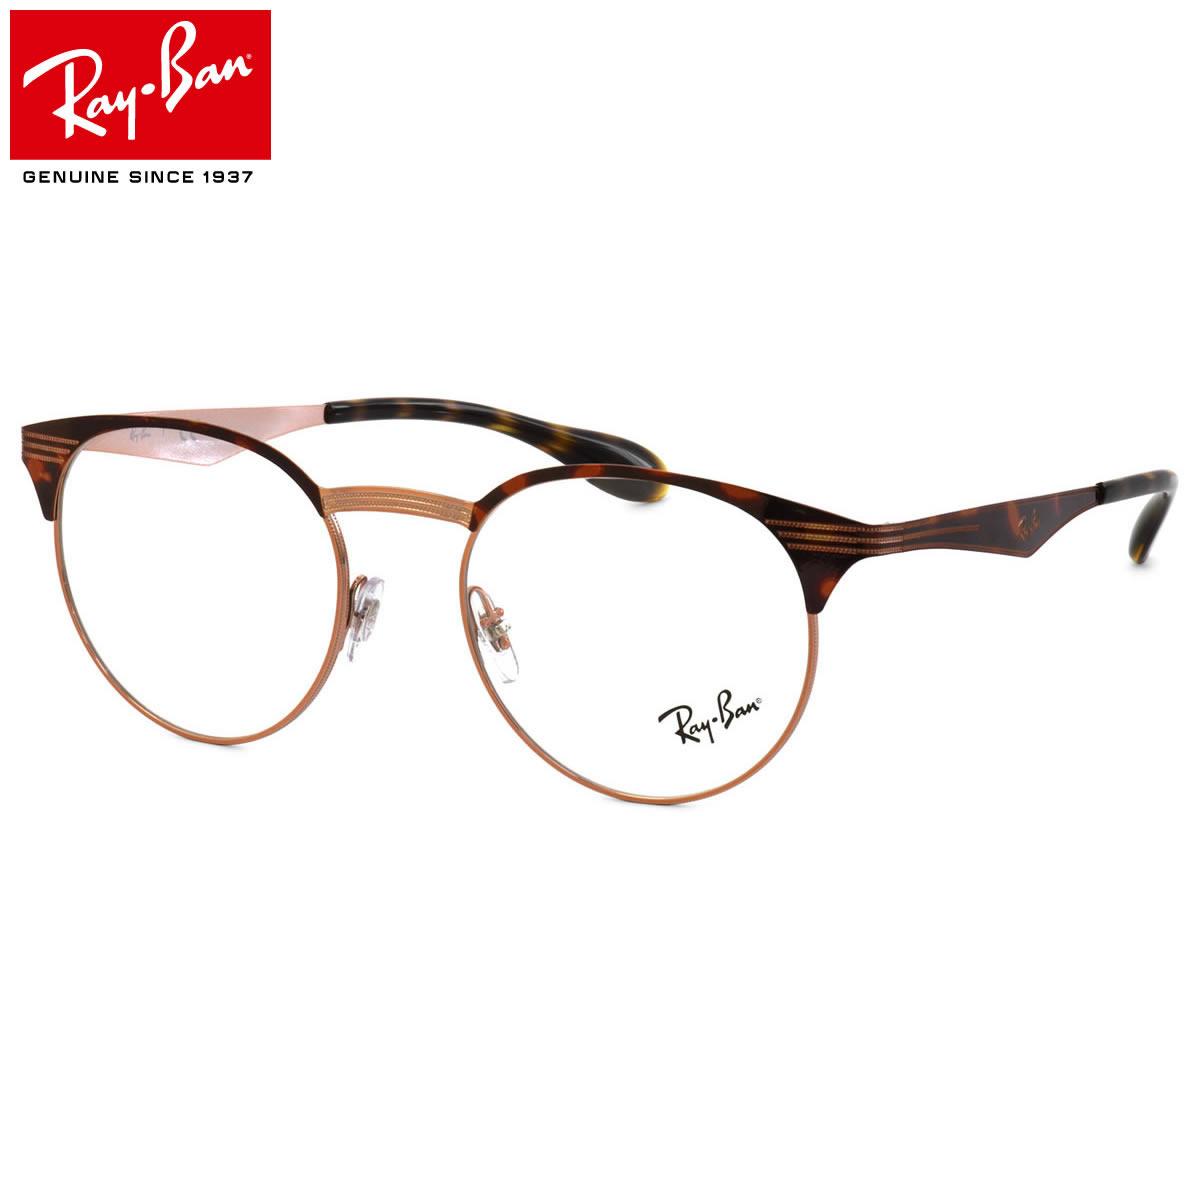 Ray-Ban レイバン メガネ RX6406 2971 51サイズ シートメタル ブロー トレンド ボストン ヨーロピアン レイバン RayBan メンズ レディース